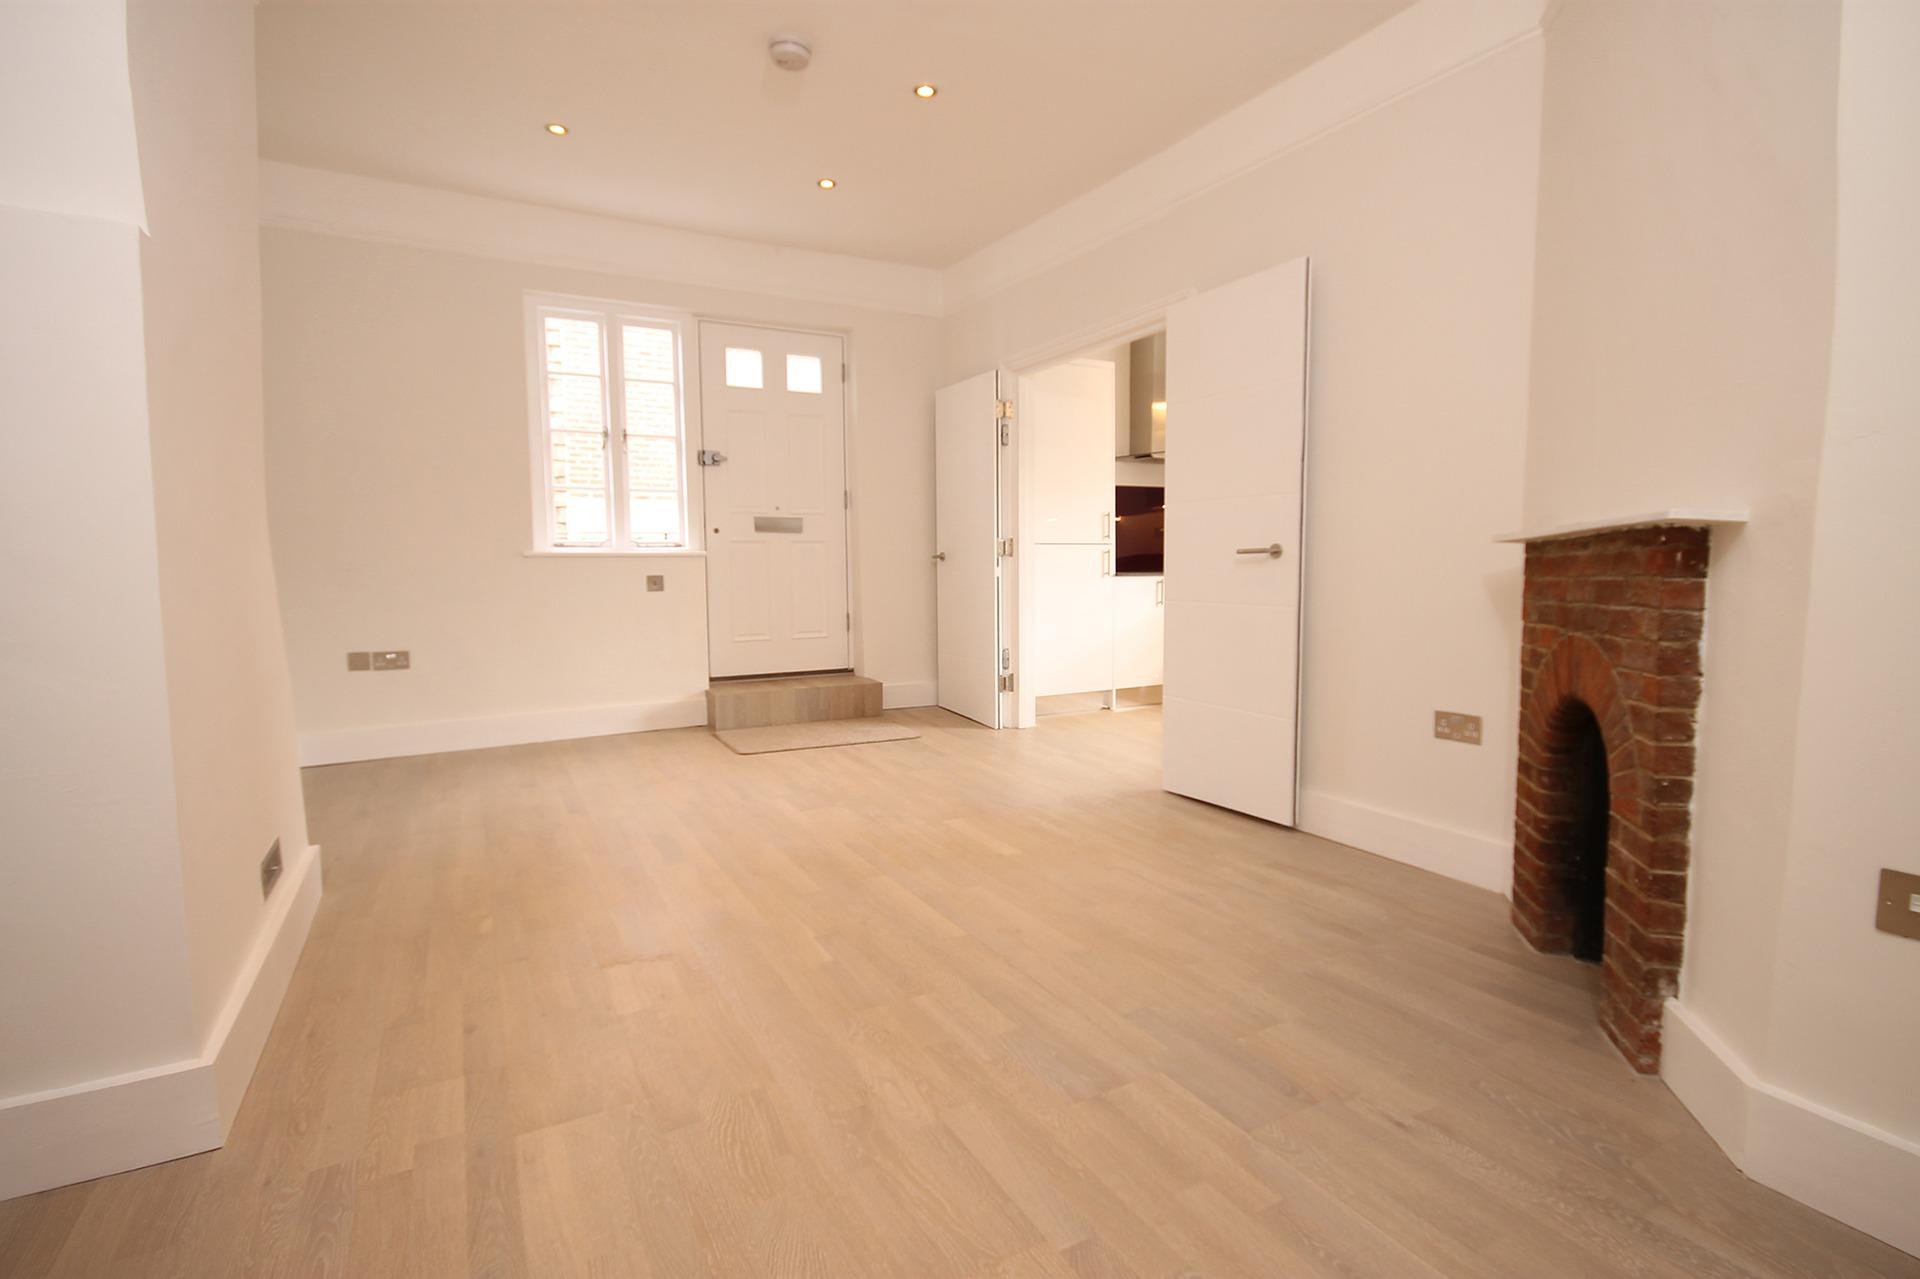 כיצד לפנות את הדירה שלכם ללא מאמץ והוצאות?